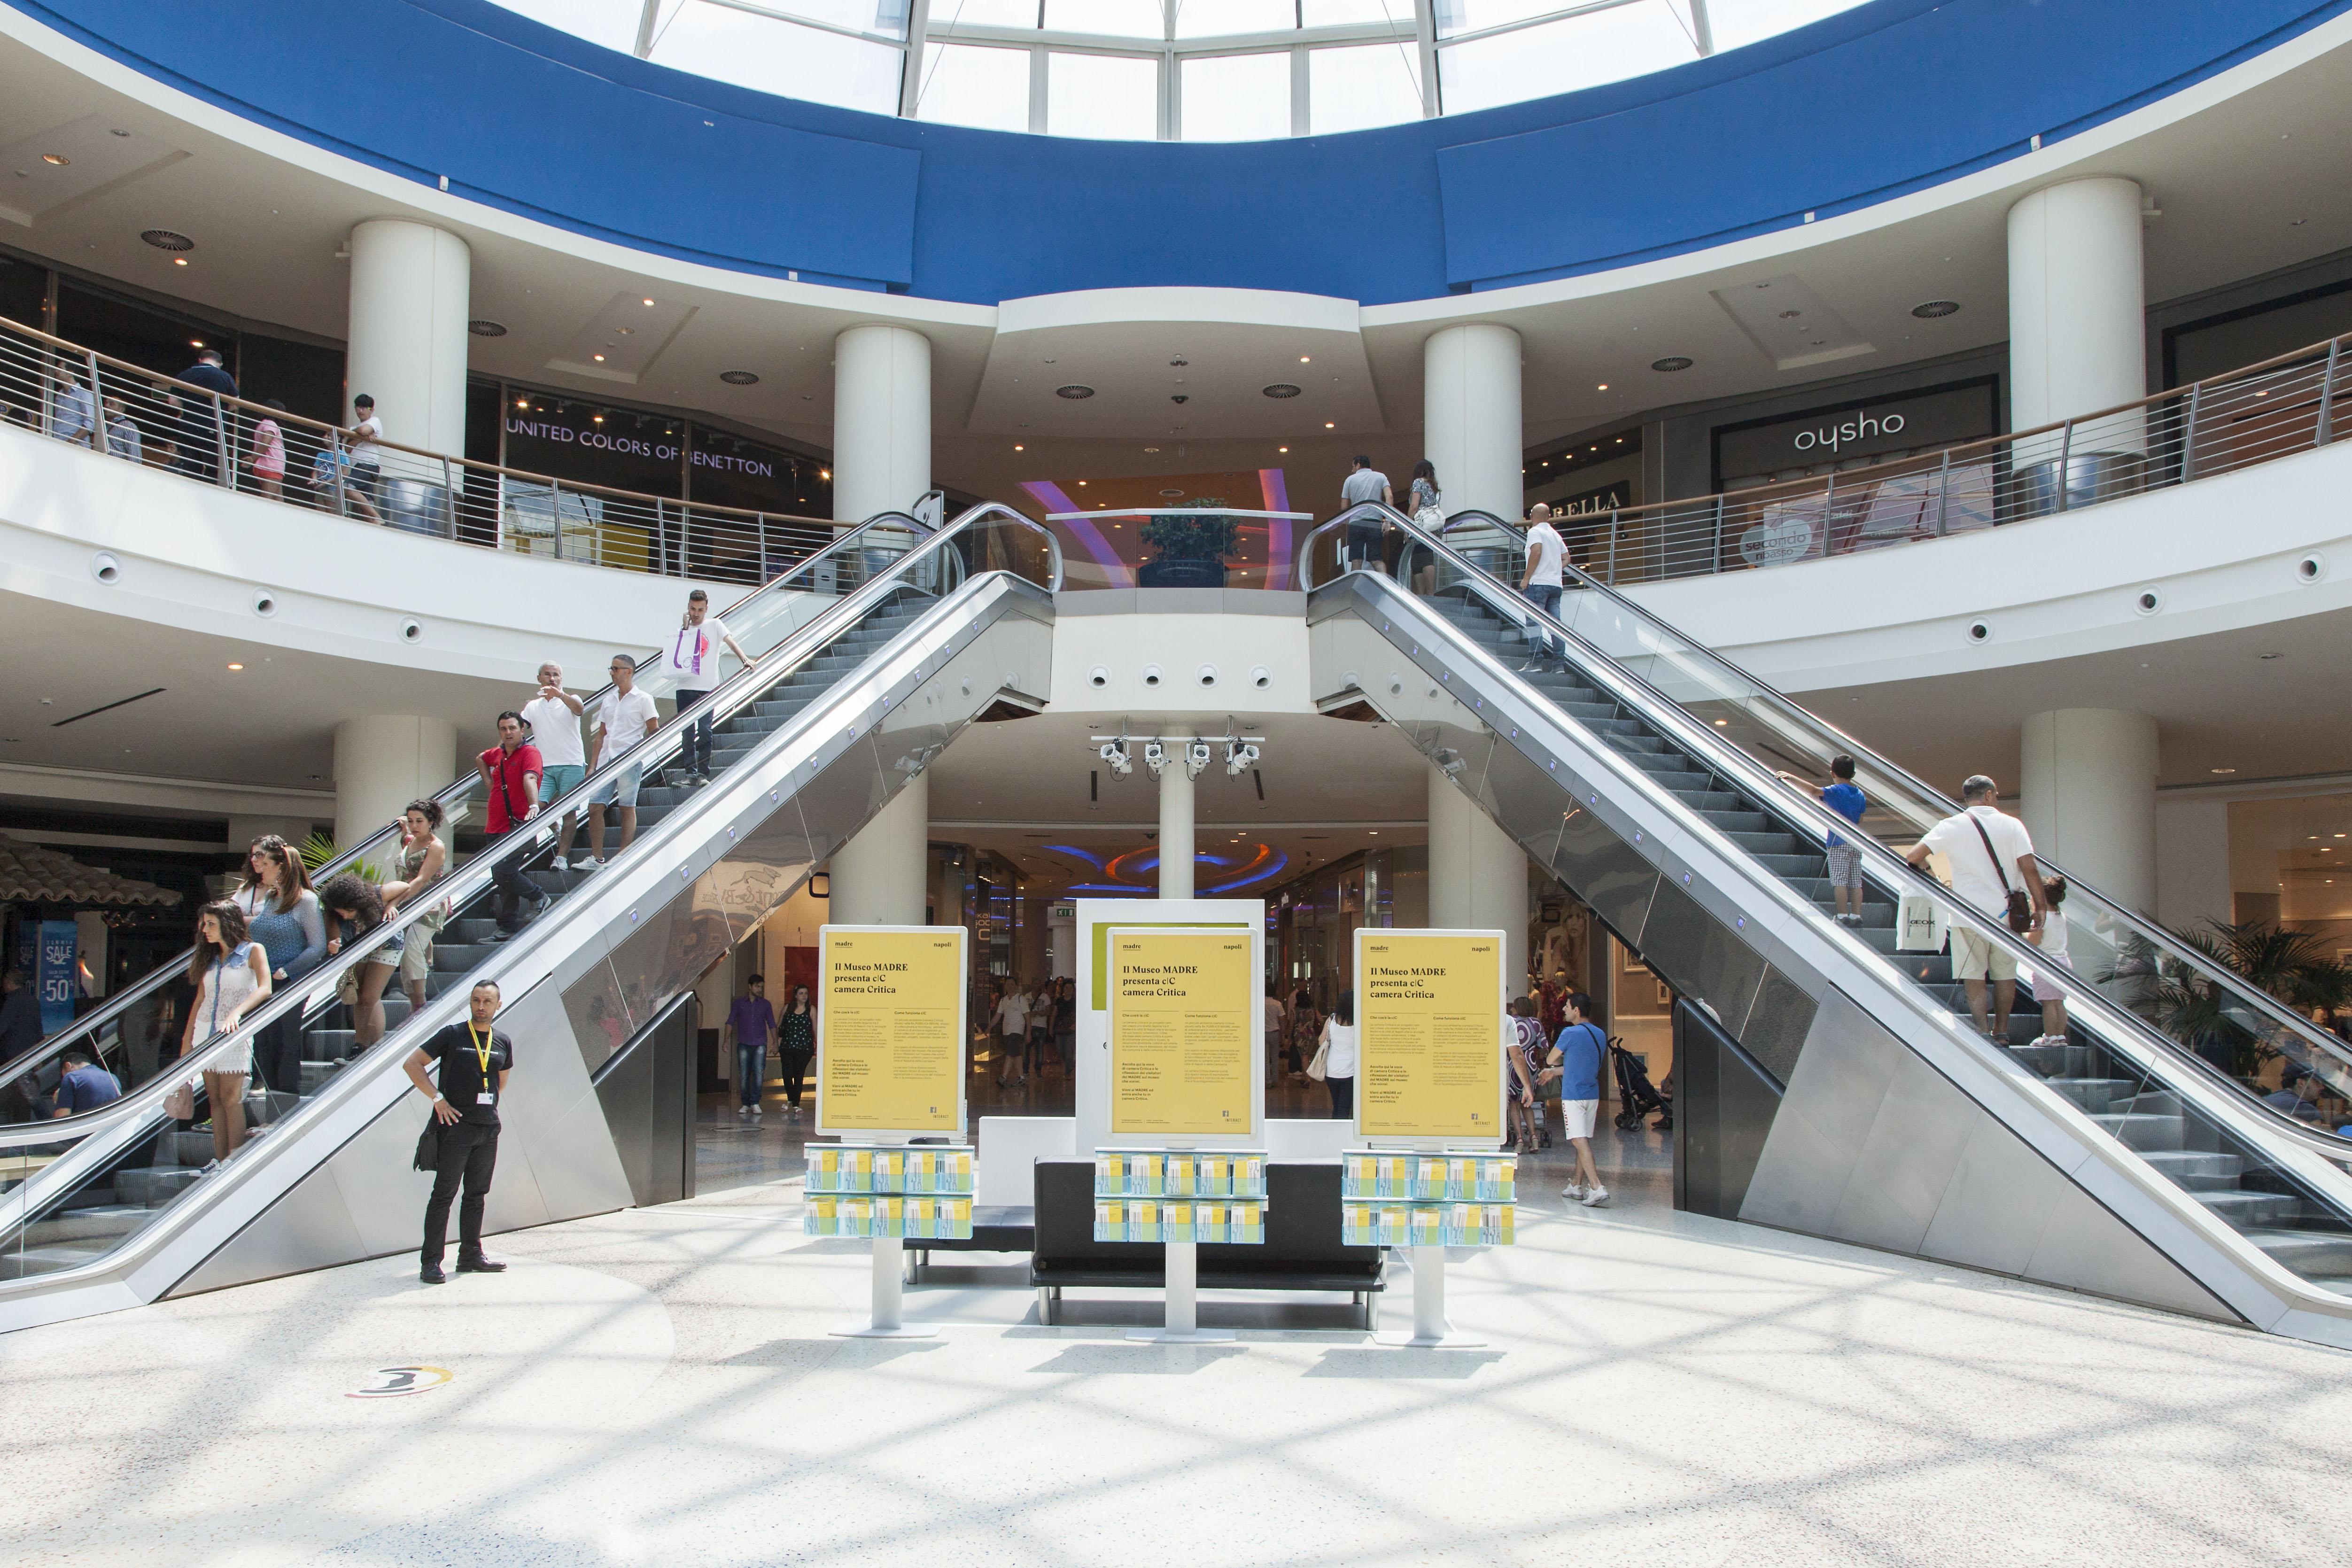 Camera critica al centro commerciale campania museo madre for Centro commerciale campania negozi arredamento